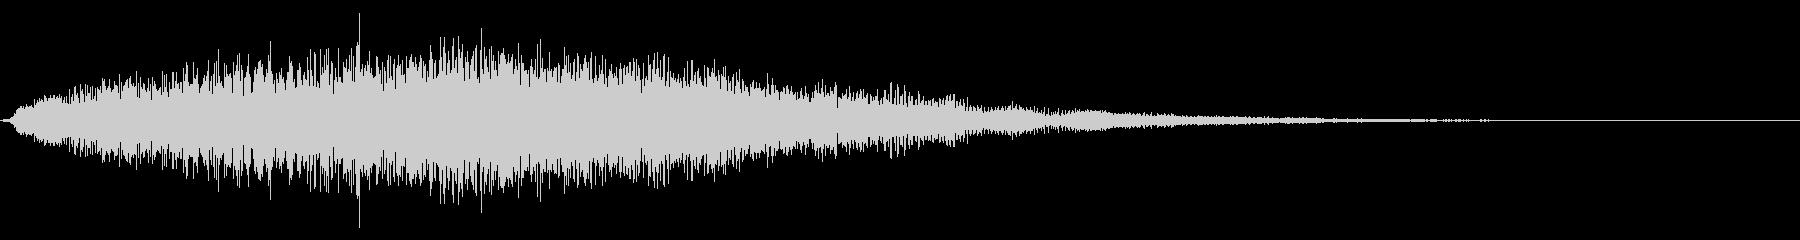 ゴージャスな決定音6の未再生の波形